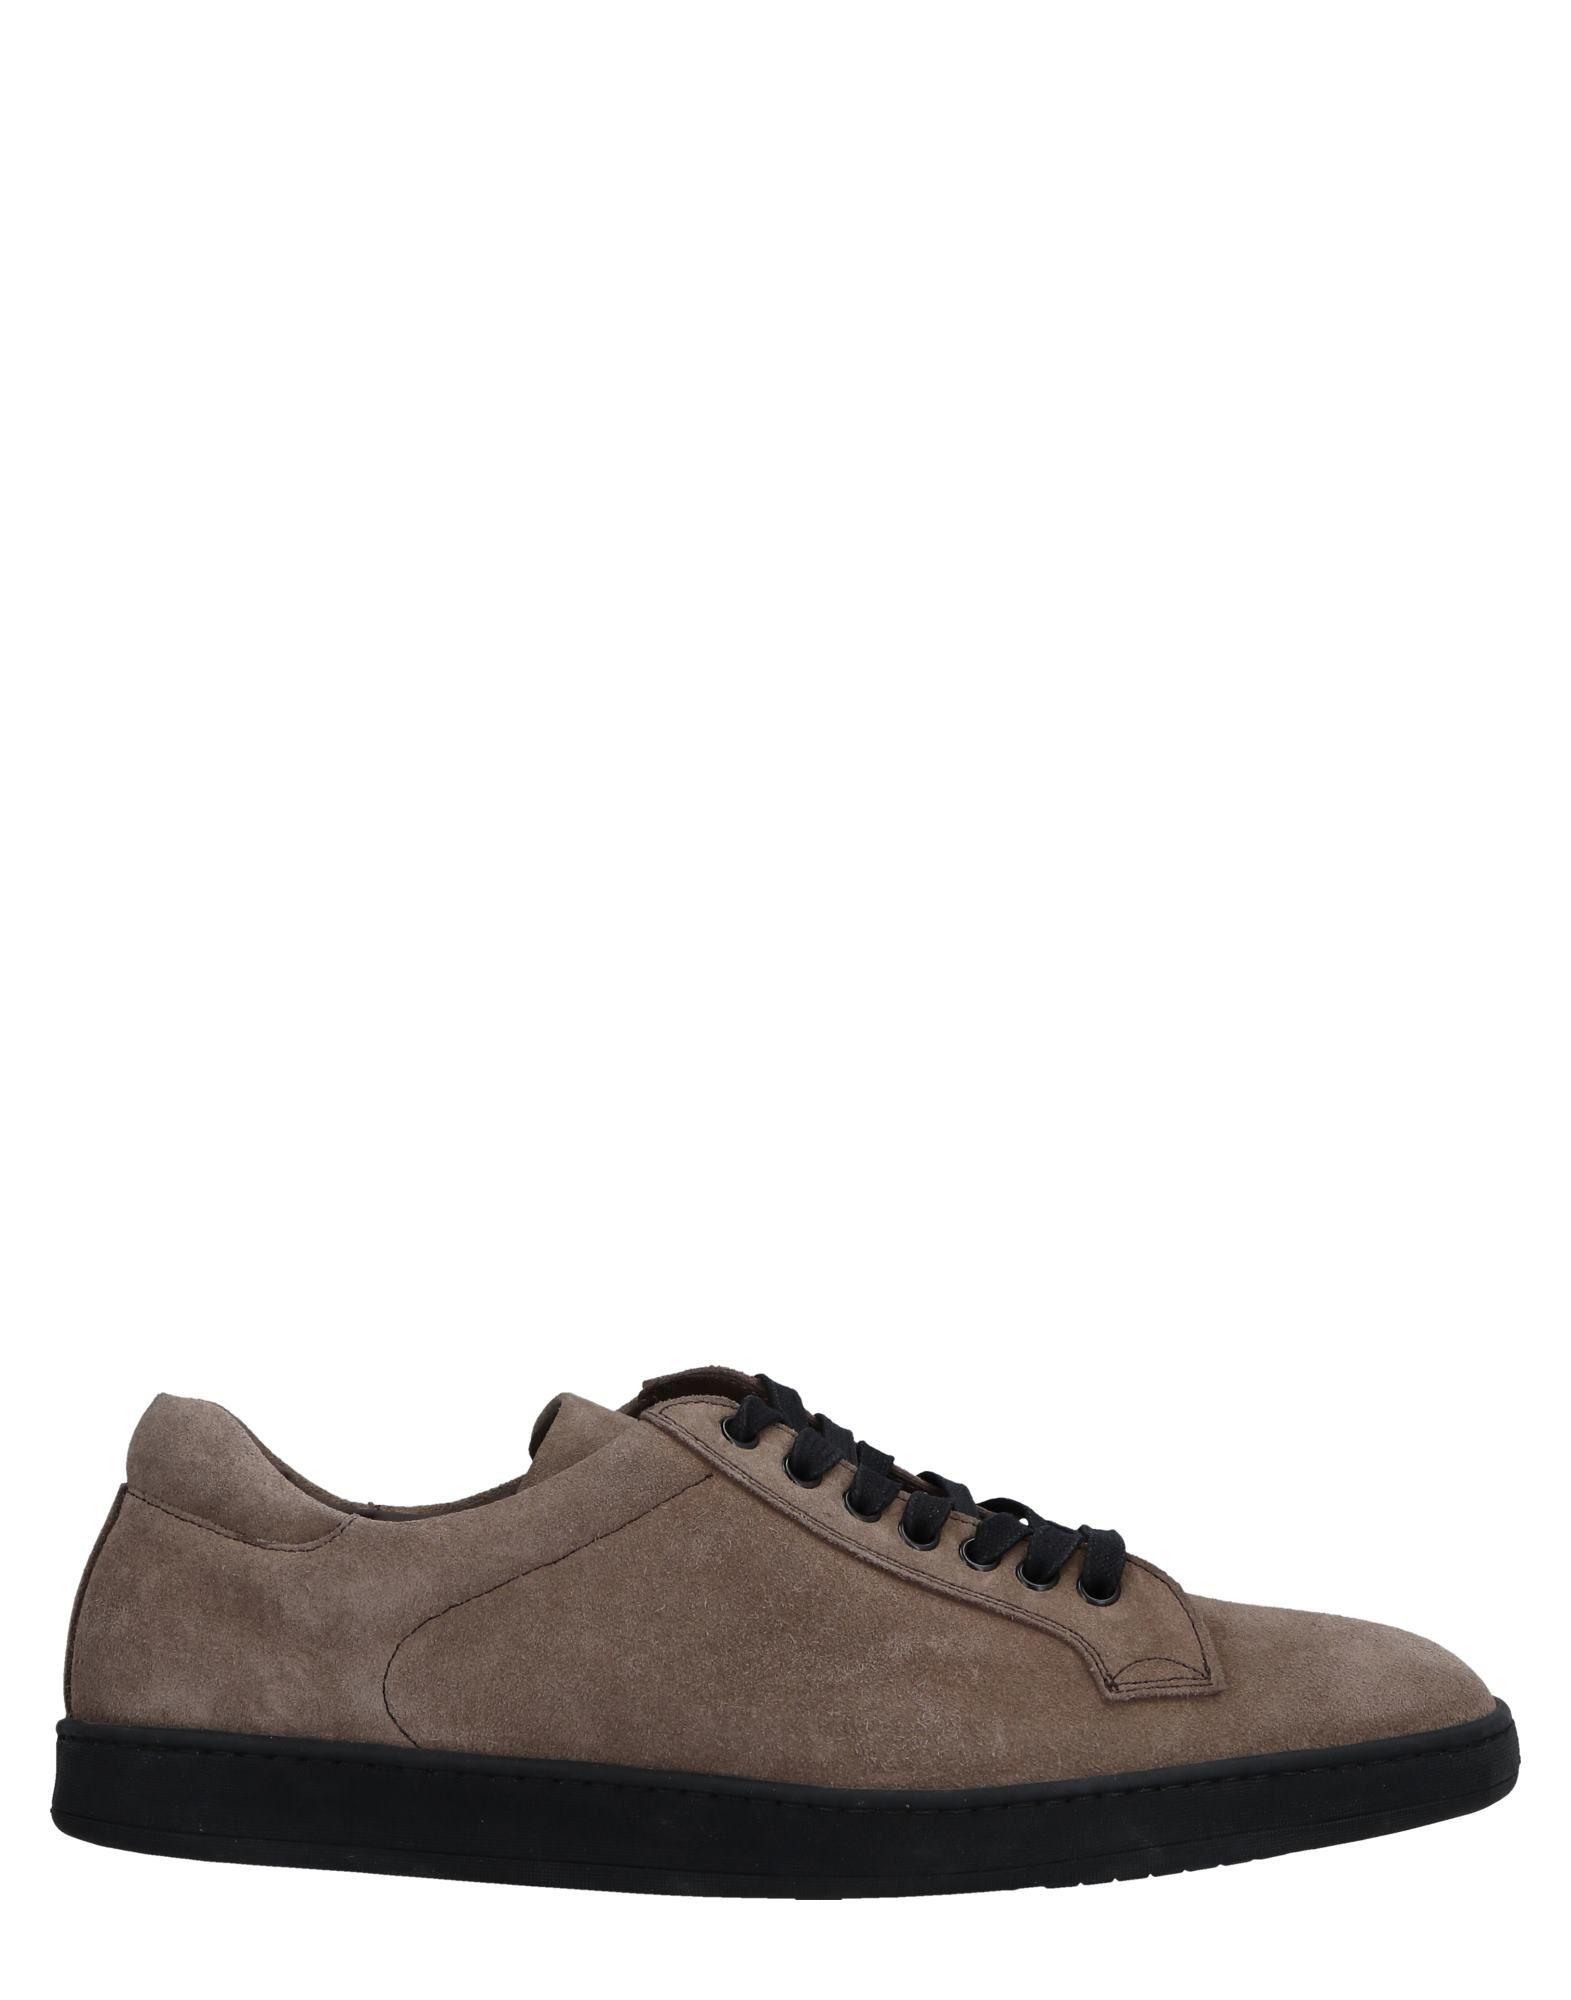 Rabatt echte Schuhe Andy Parker Sneakers Herren  11518909AD